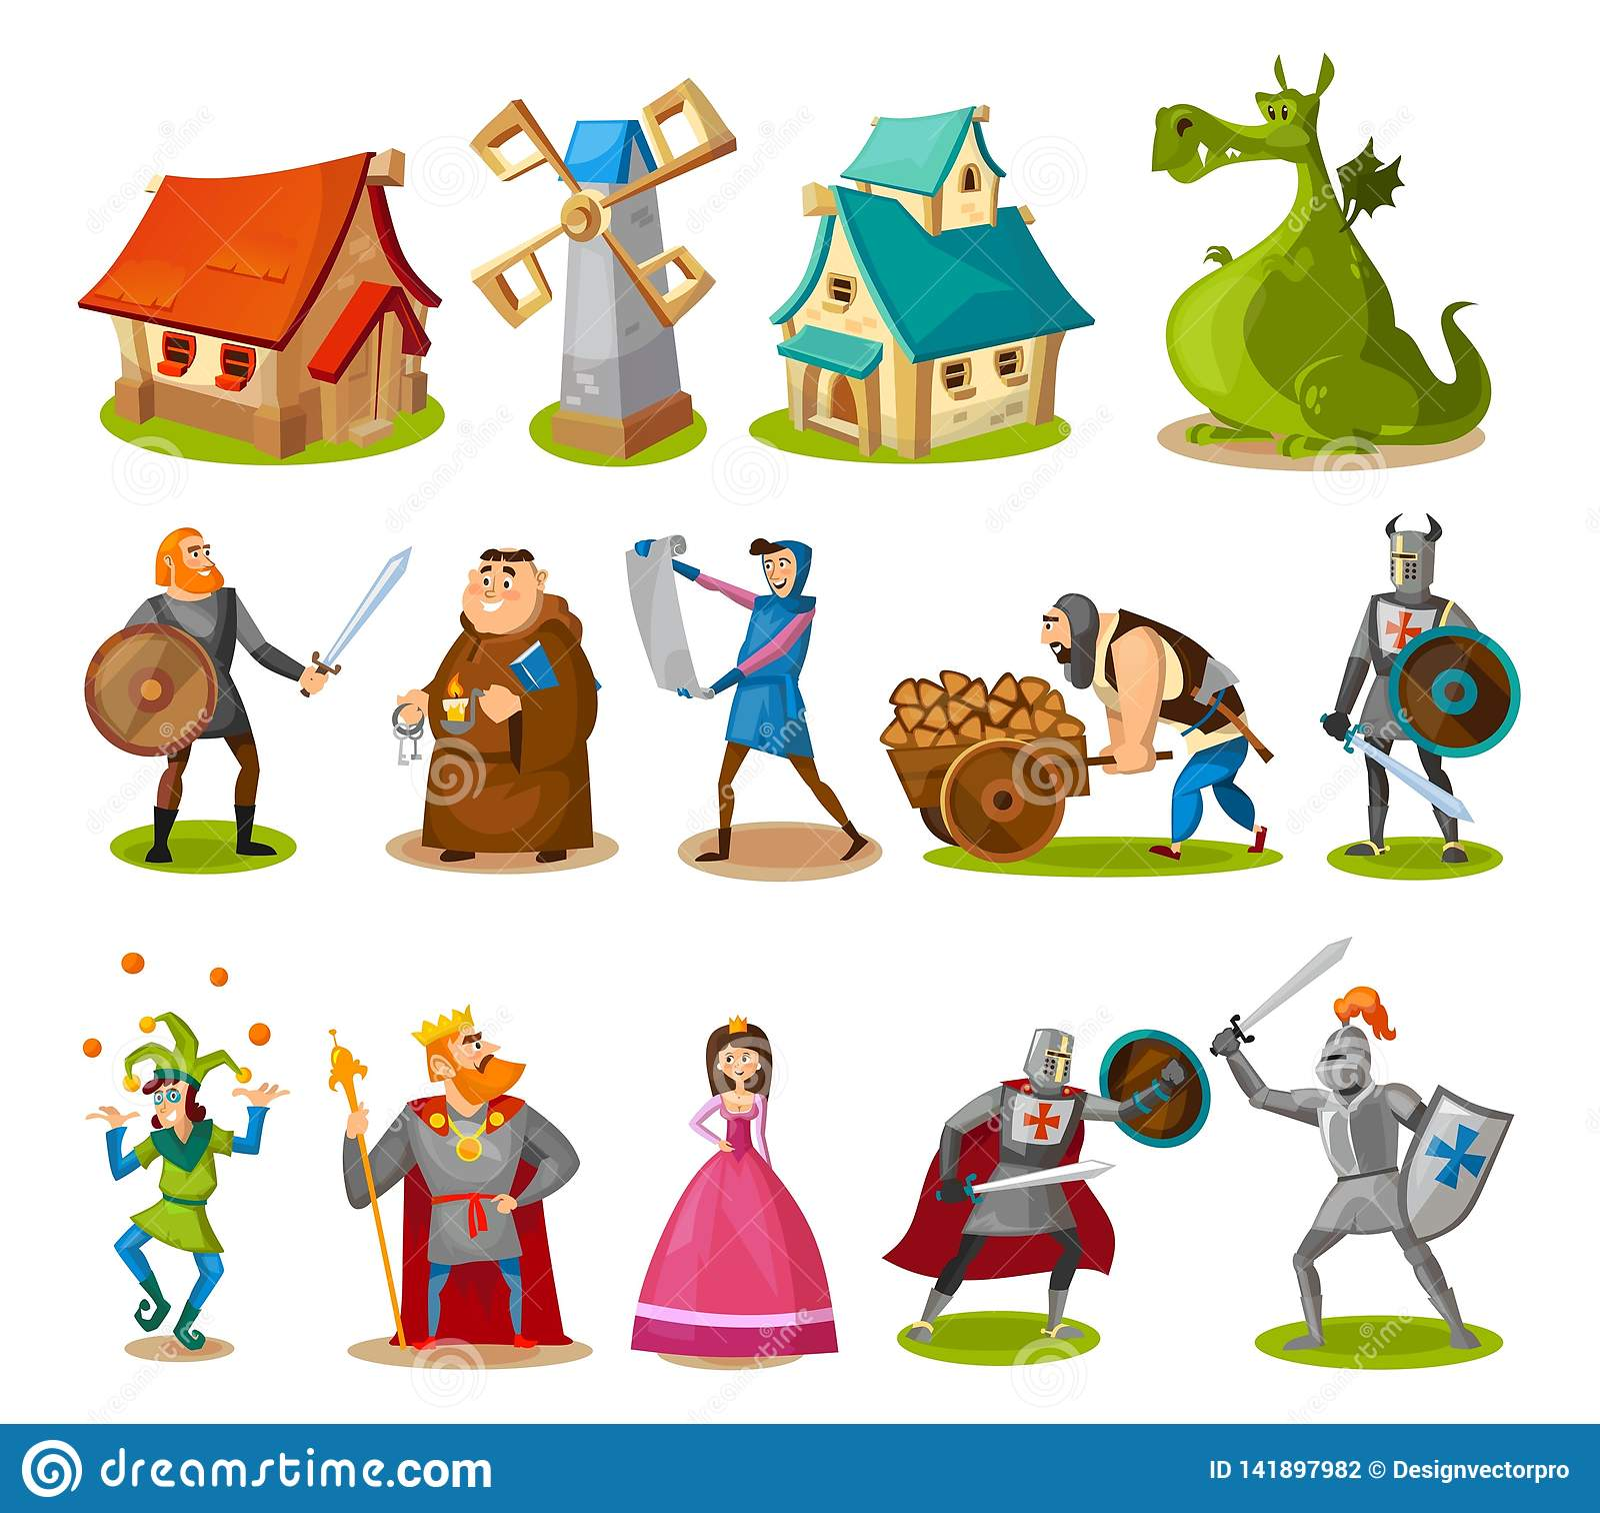 Medeltida tecken och byggnadssamling Tecknad filmriddare, prinsessa, konung, drake, byggnader etc. Vektorsagaobjekt